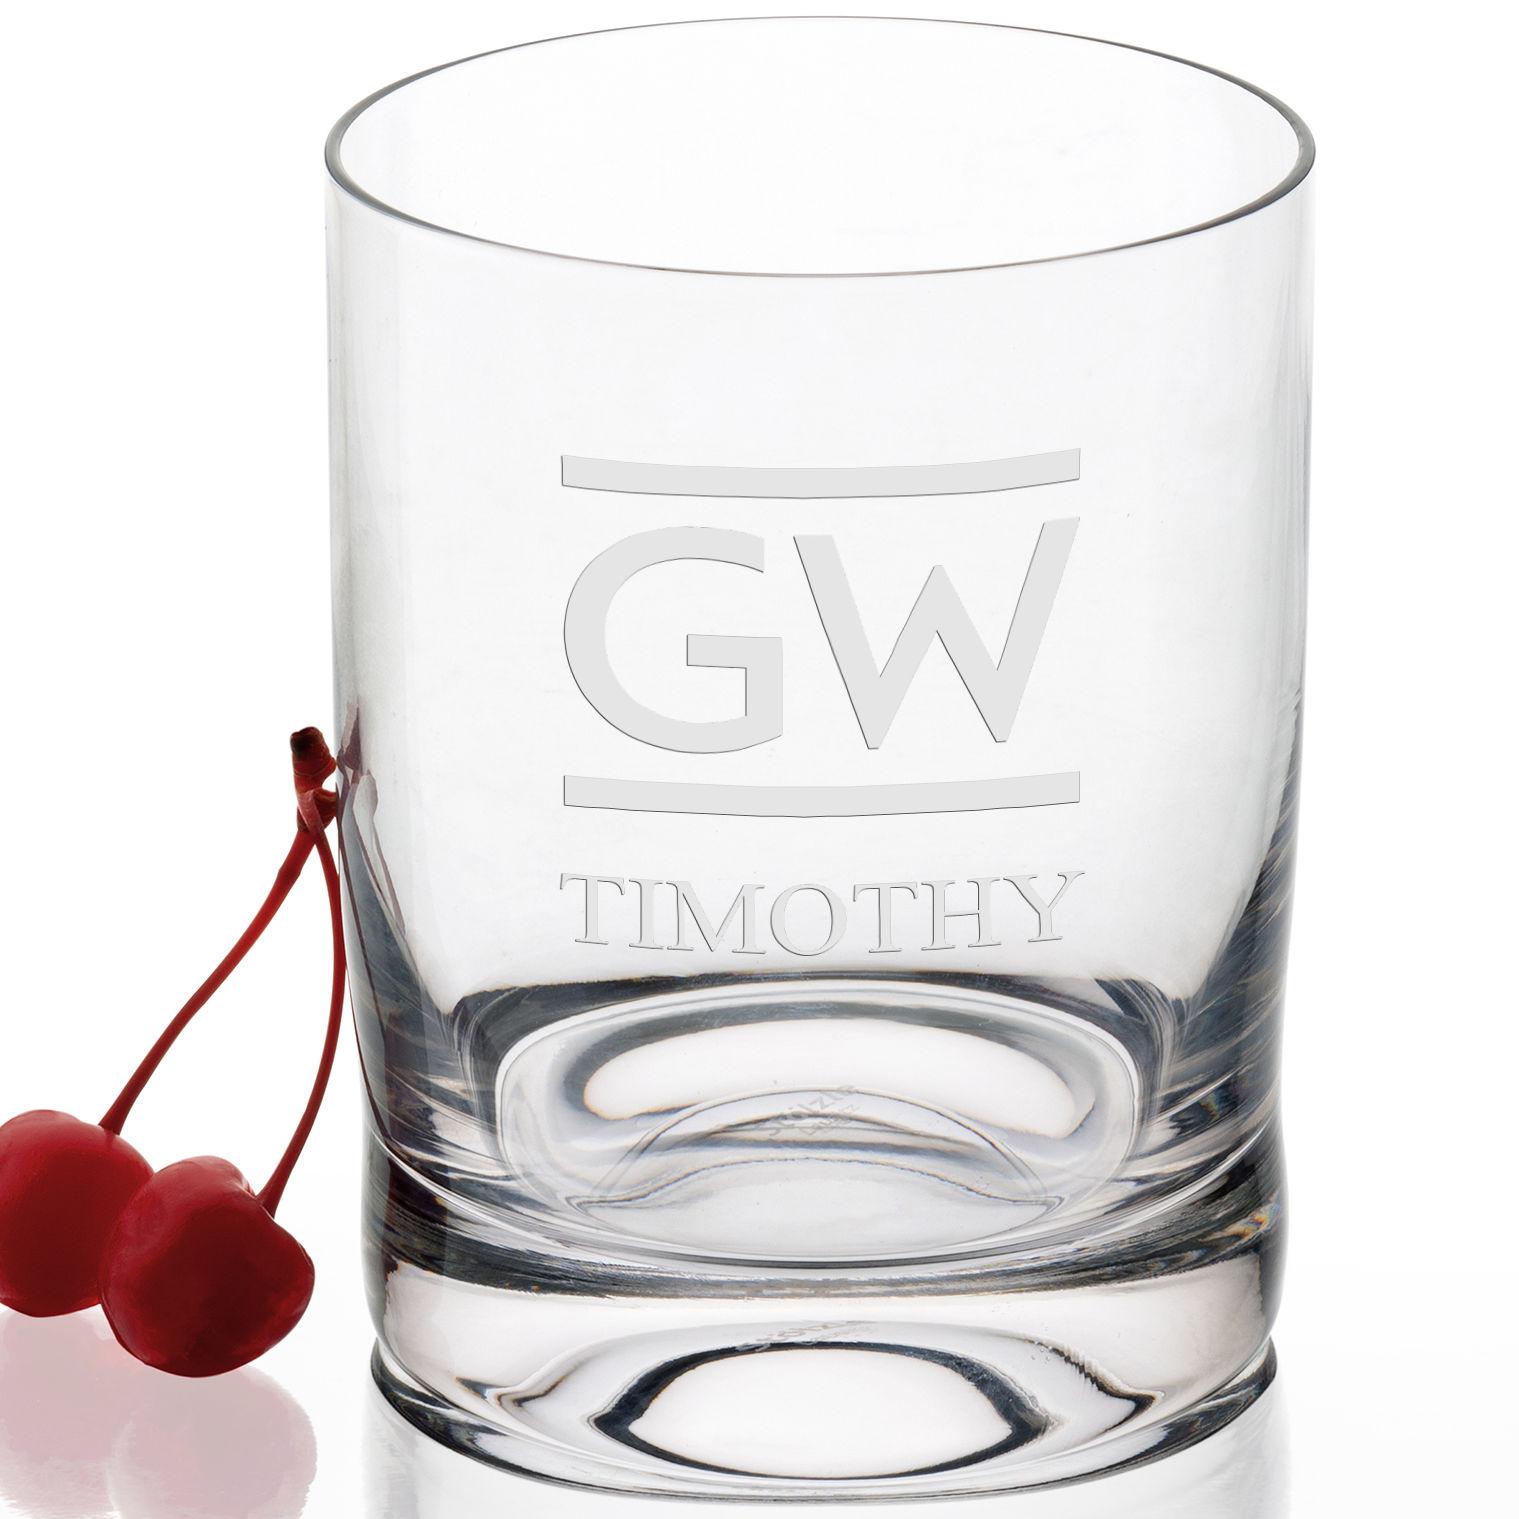 George Washington University Tumbler Glasses - Set of 2 - Image 2